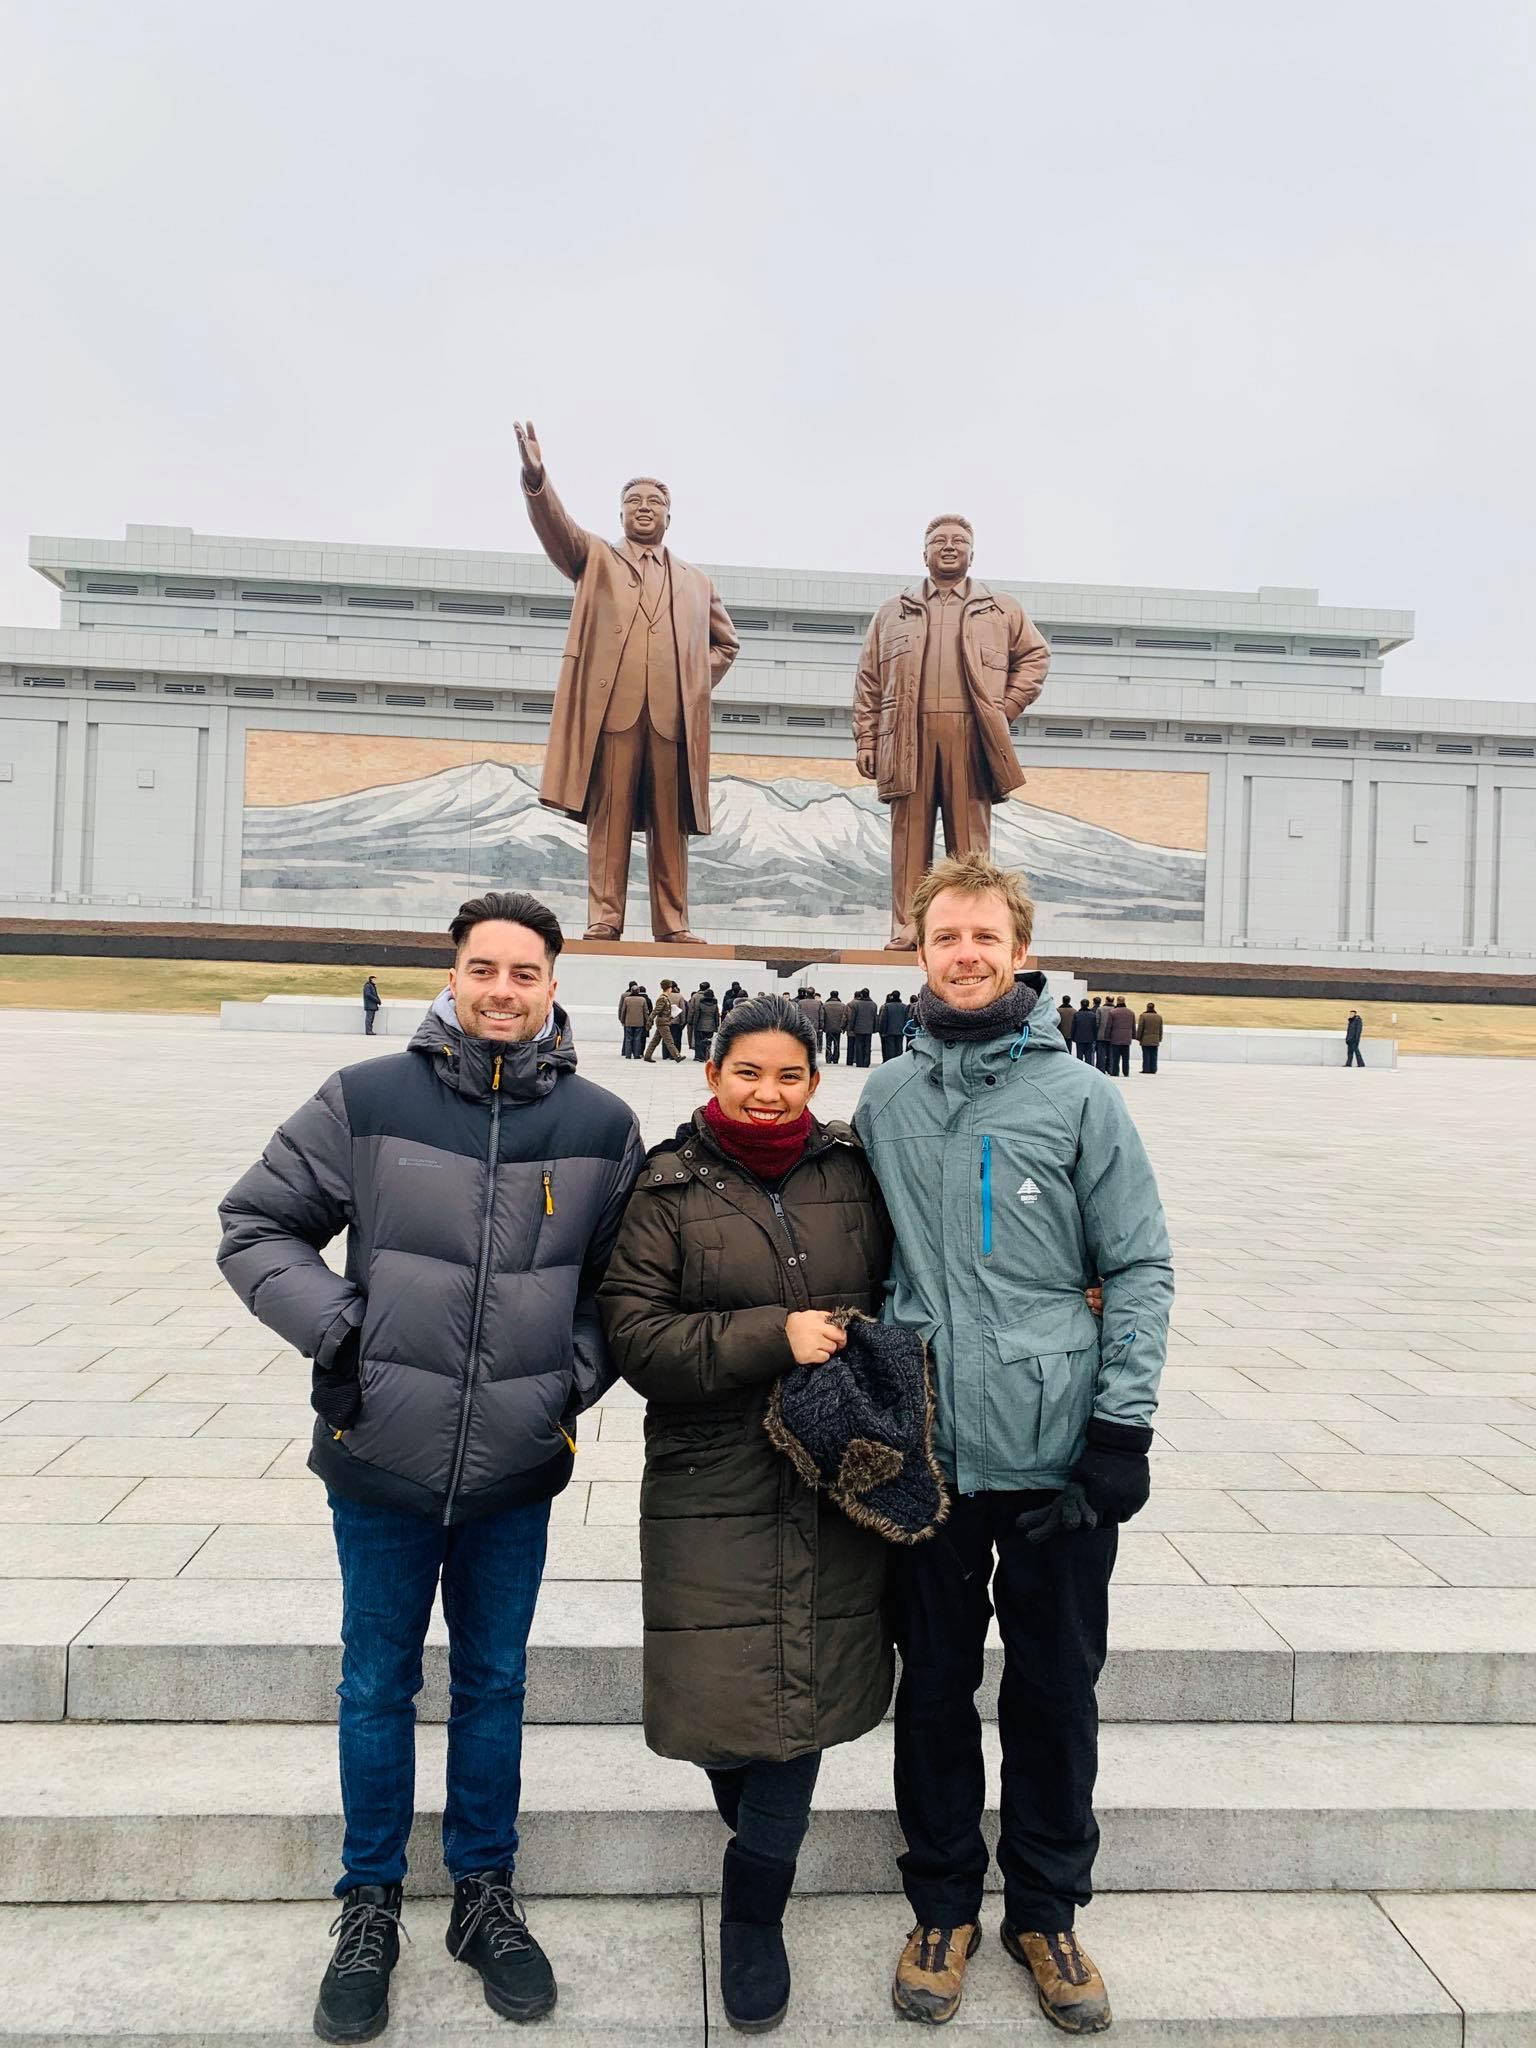 How to Get a North Korea Tourist Visa for British Citizens